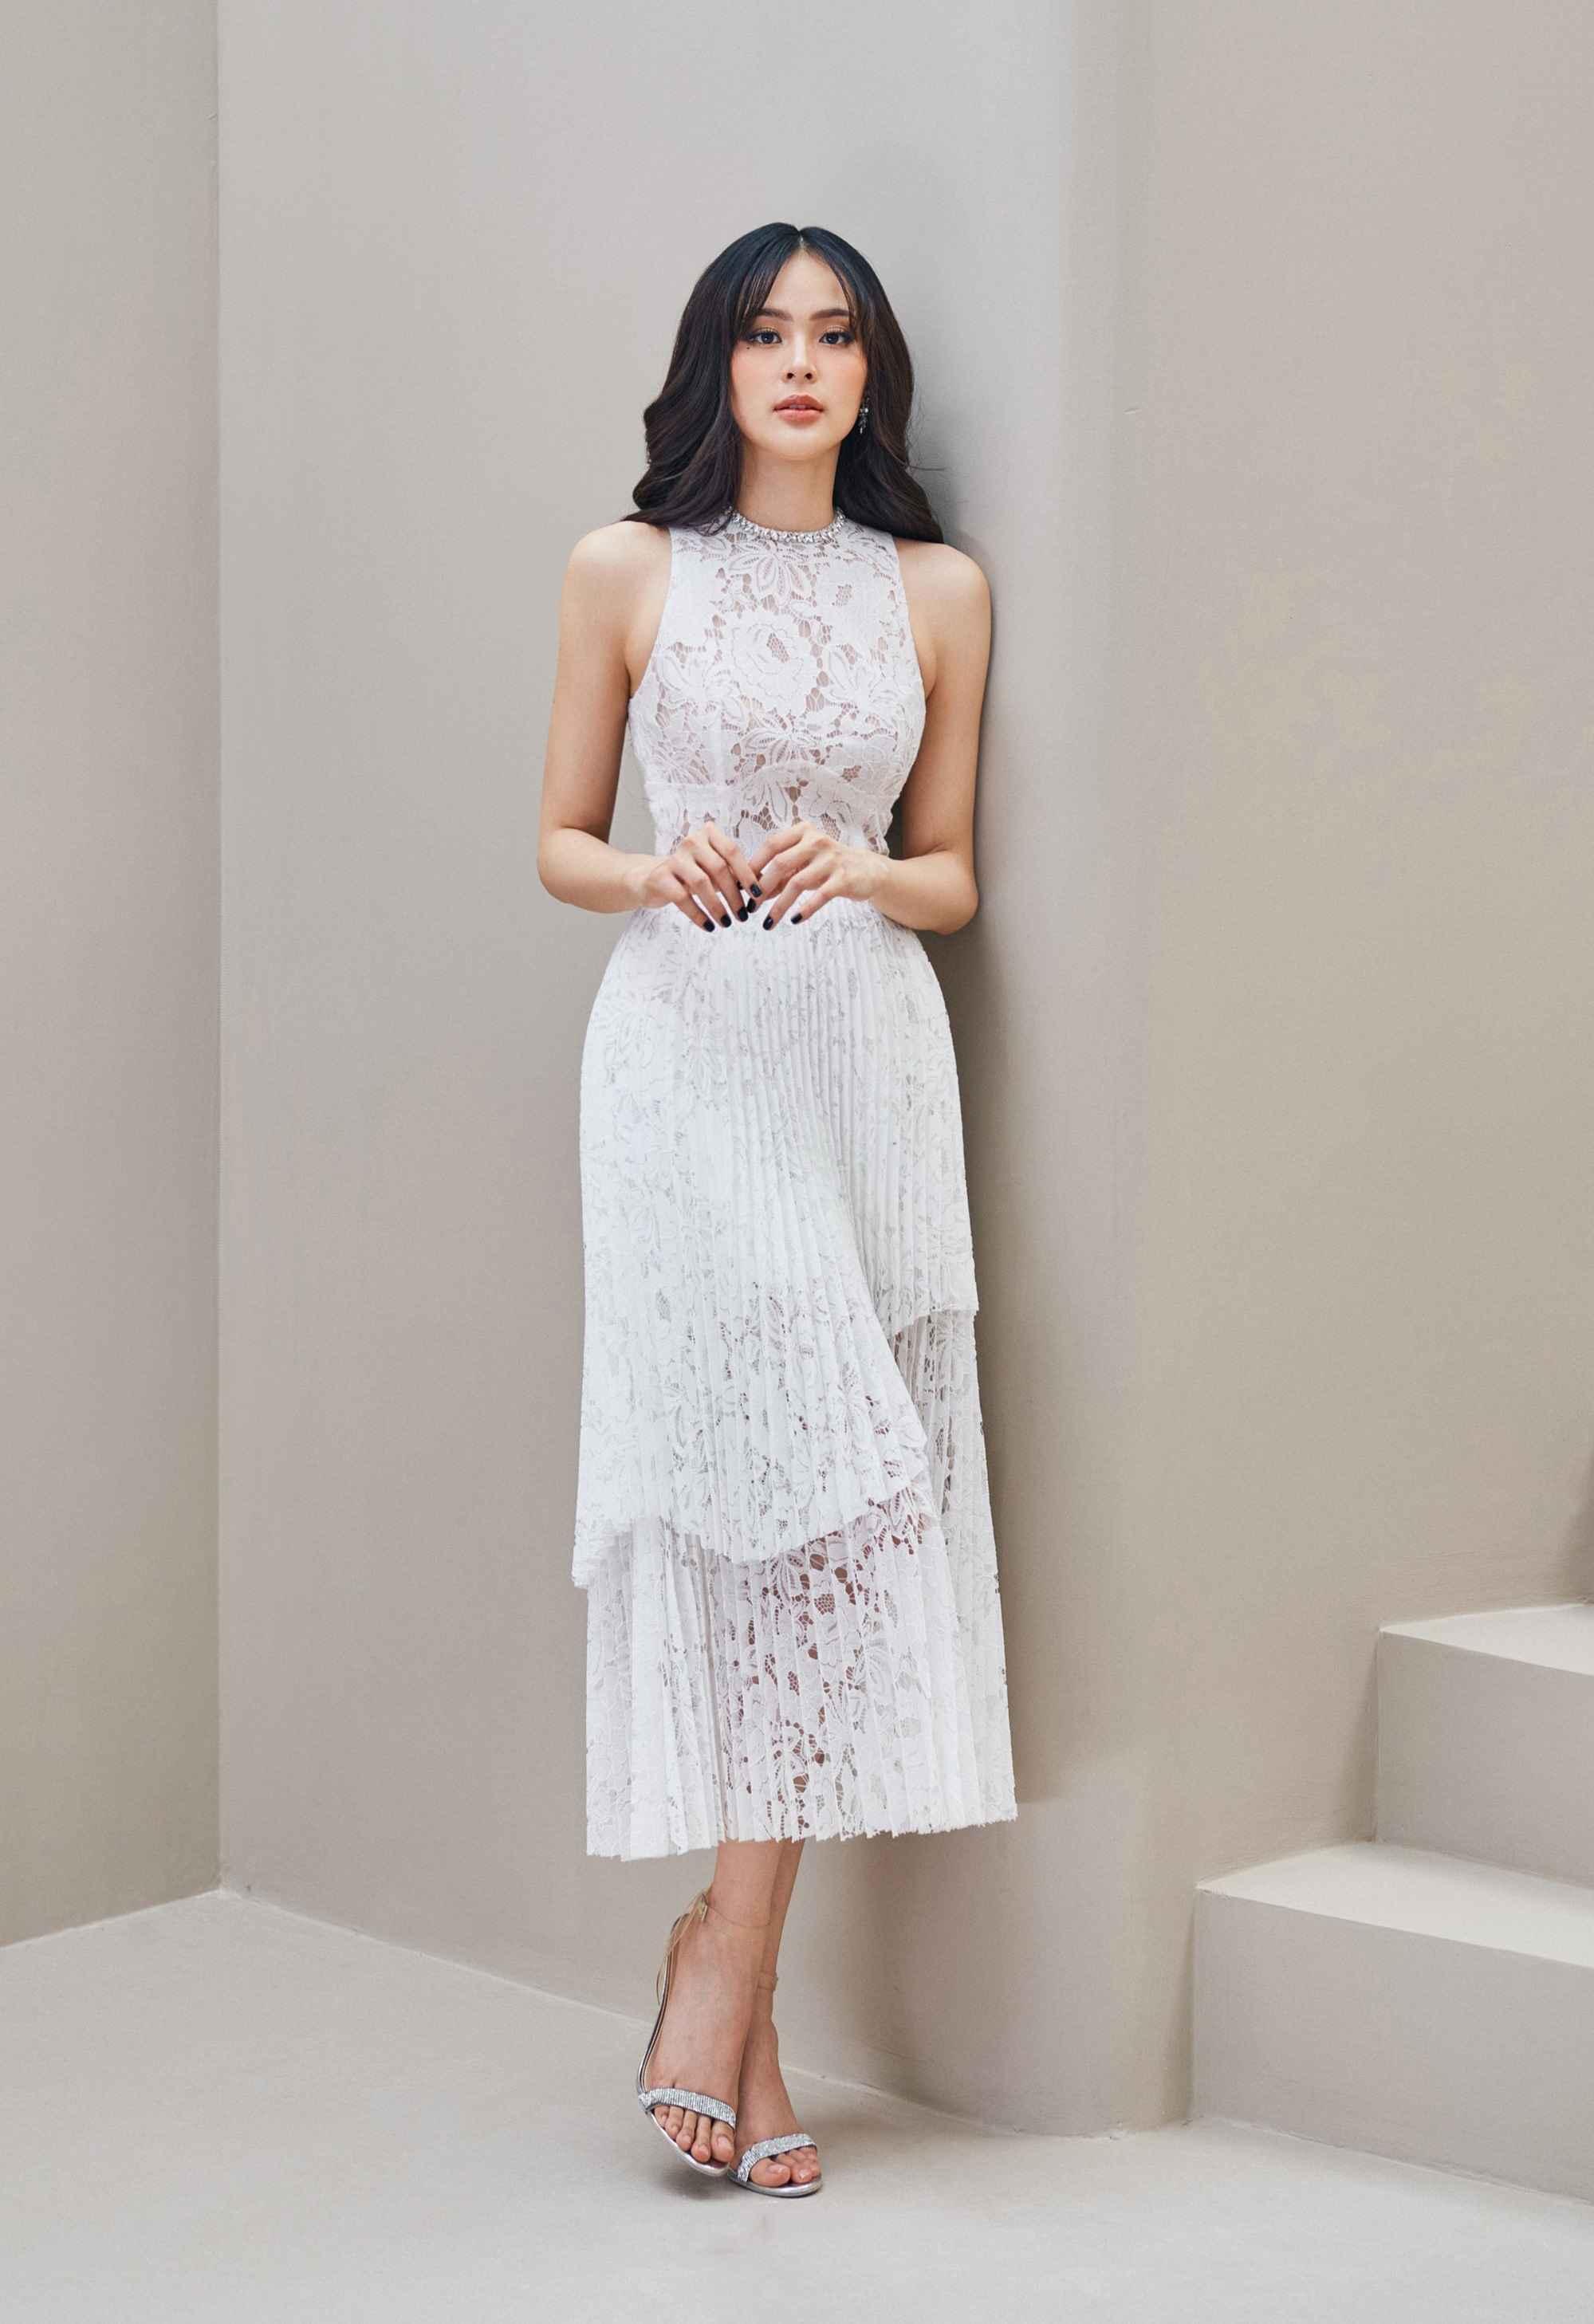 Đầm xoè cổ tròn chân váy xếp ly #2904